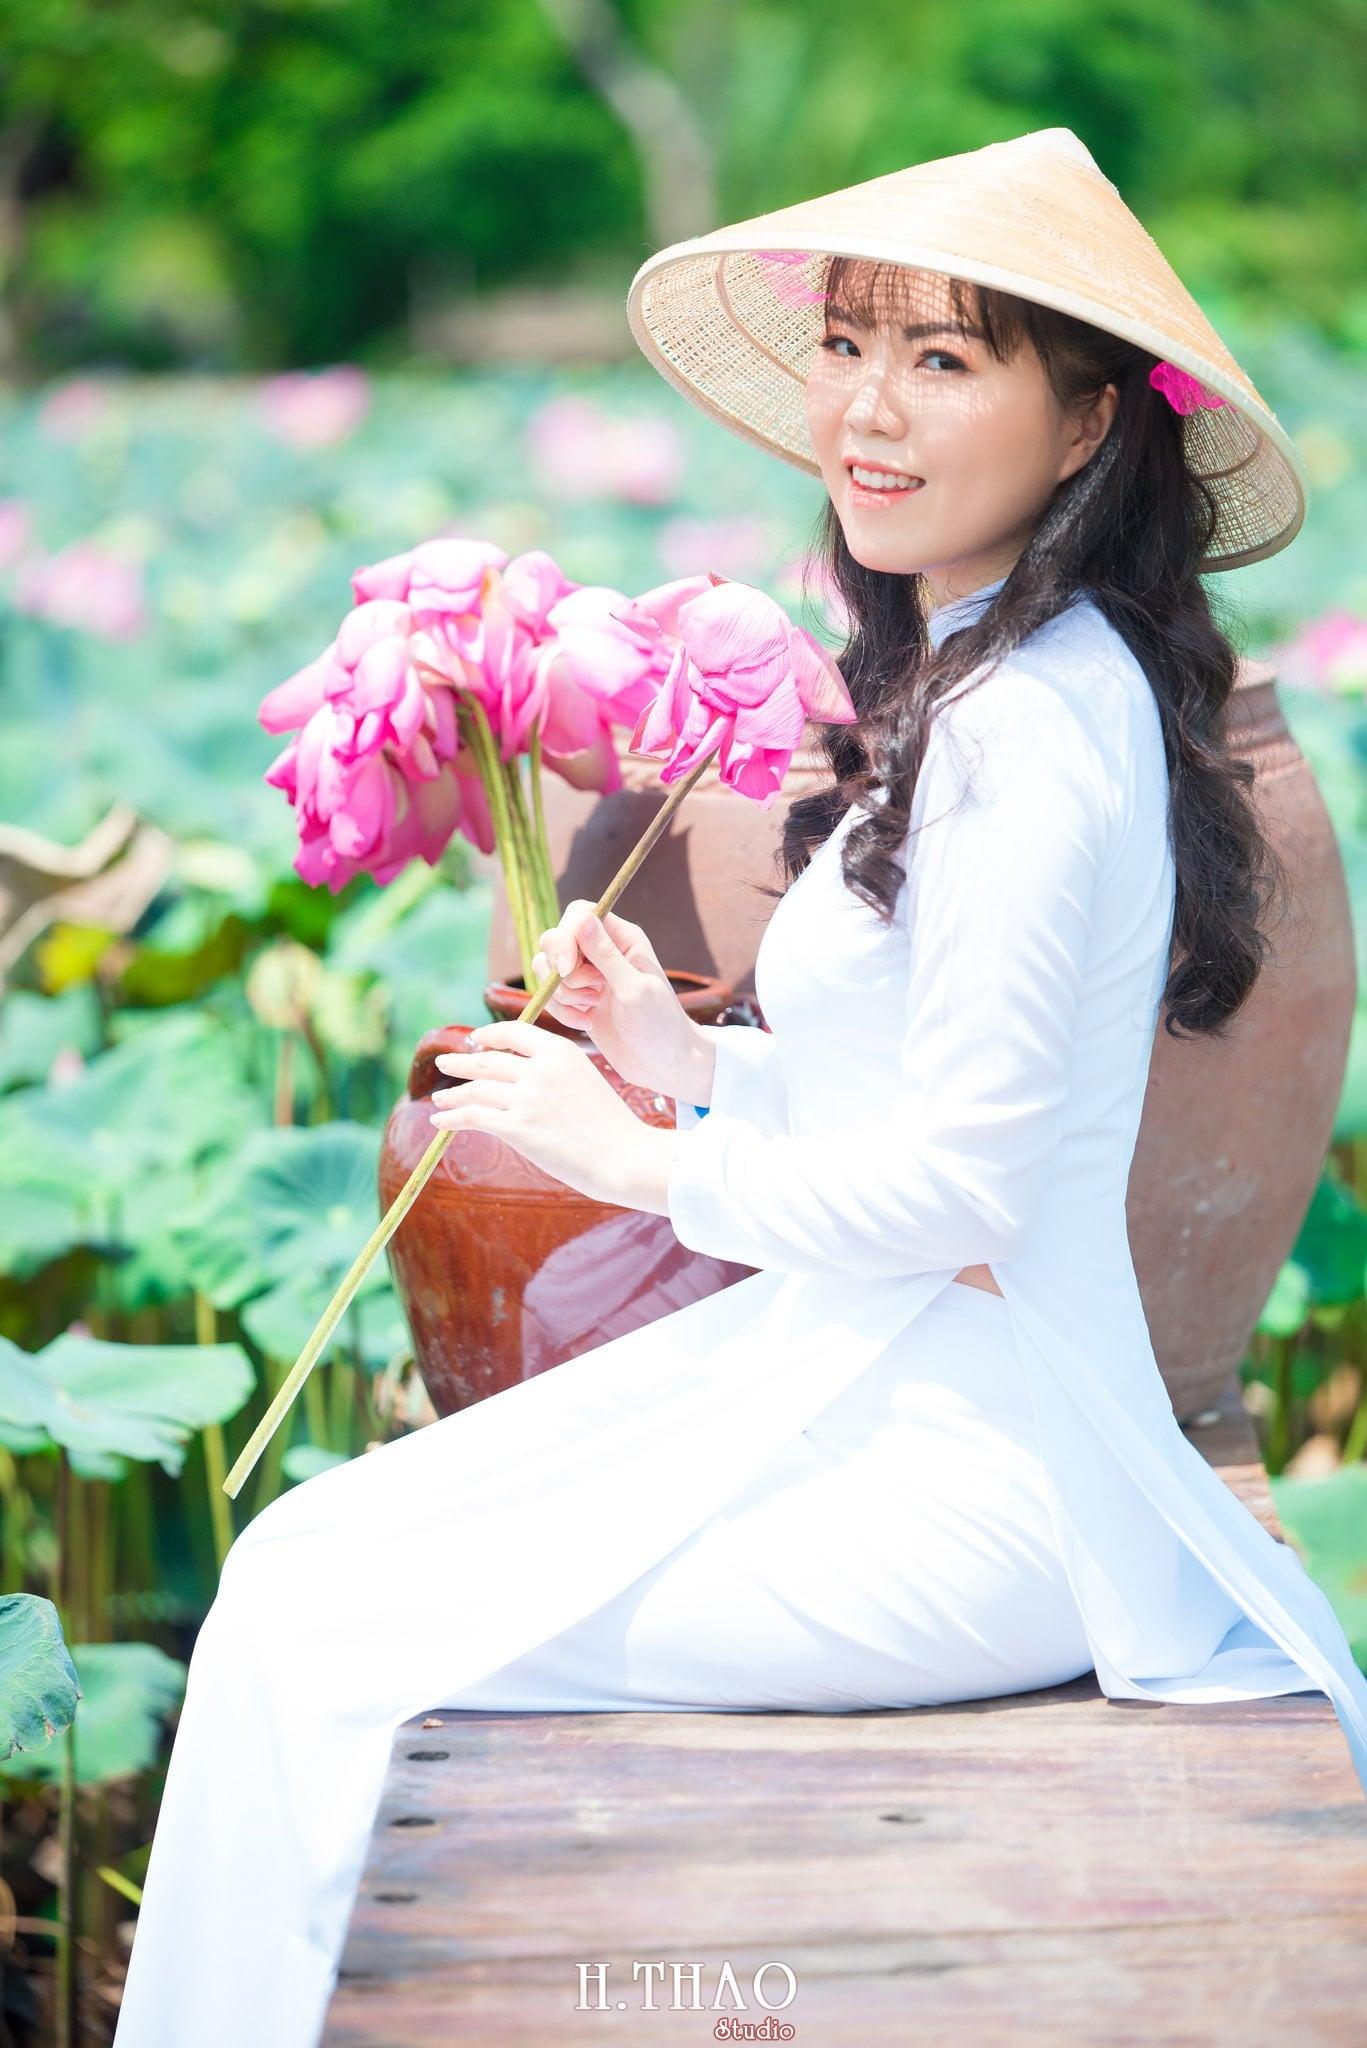 nh áo dài hoa sen 12 - Góc ảnh thiếu nữ áo dài bên hoa sen đẹp tinh khôi- HThao Studio